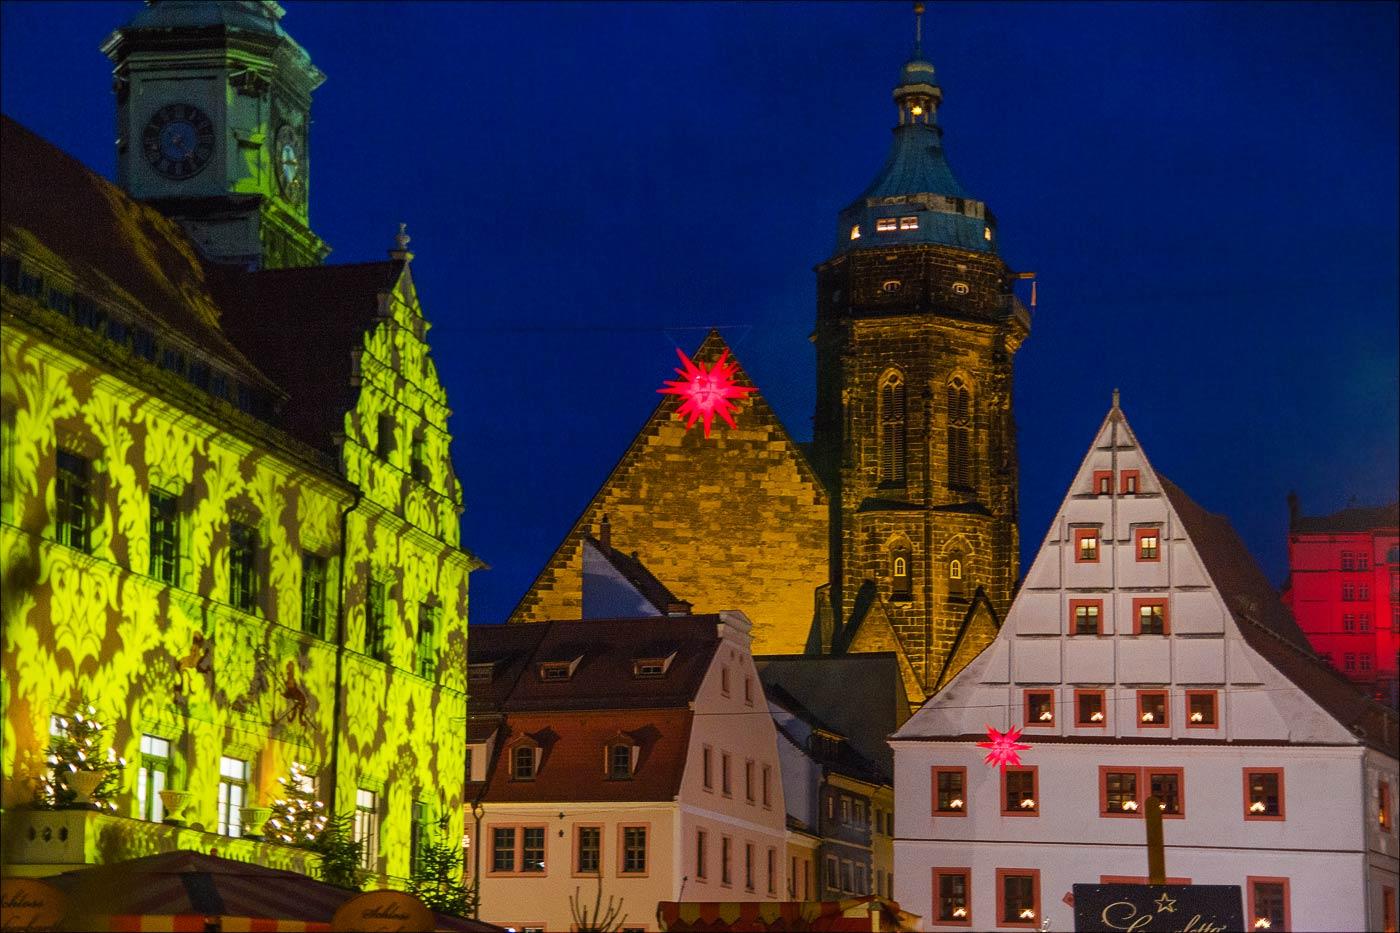 Рождественская иллюминация в Пирне, Саксония